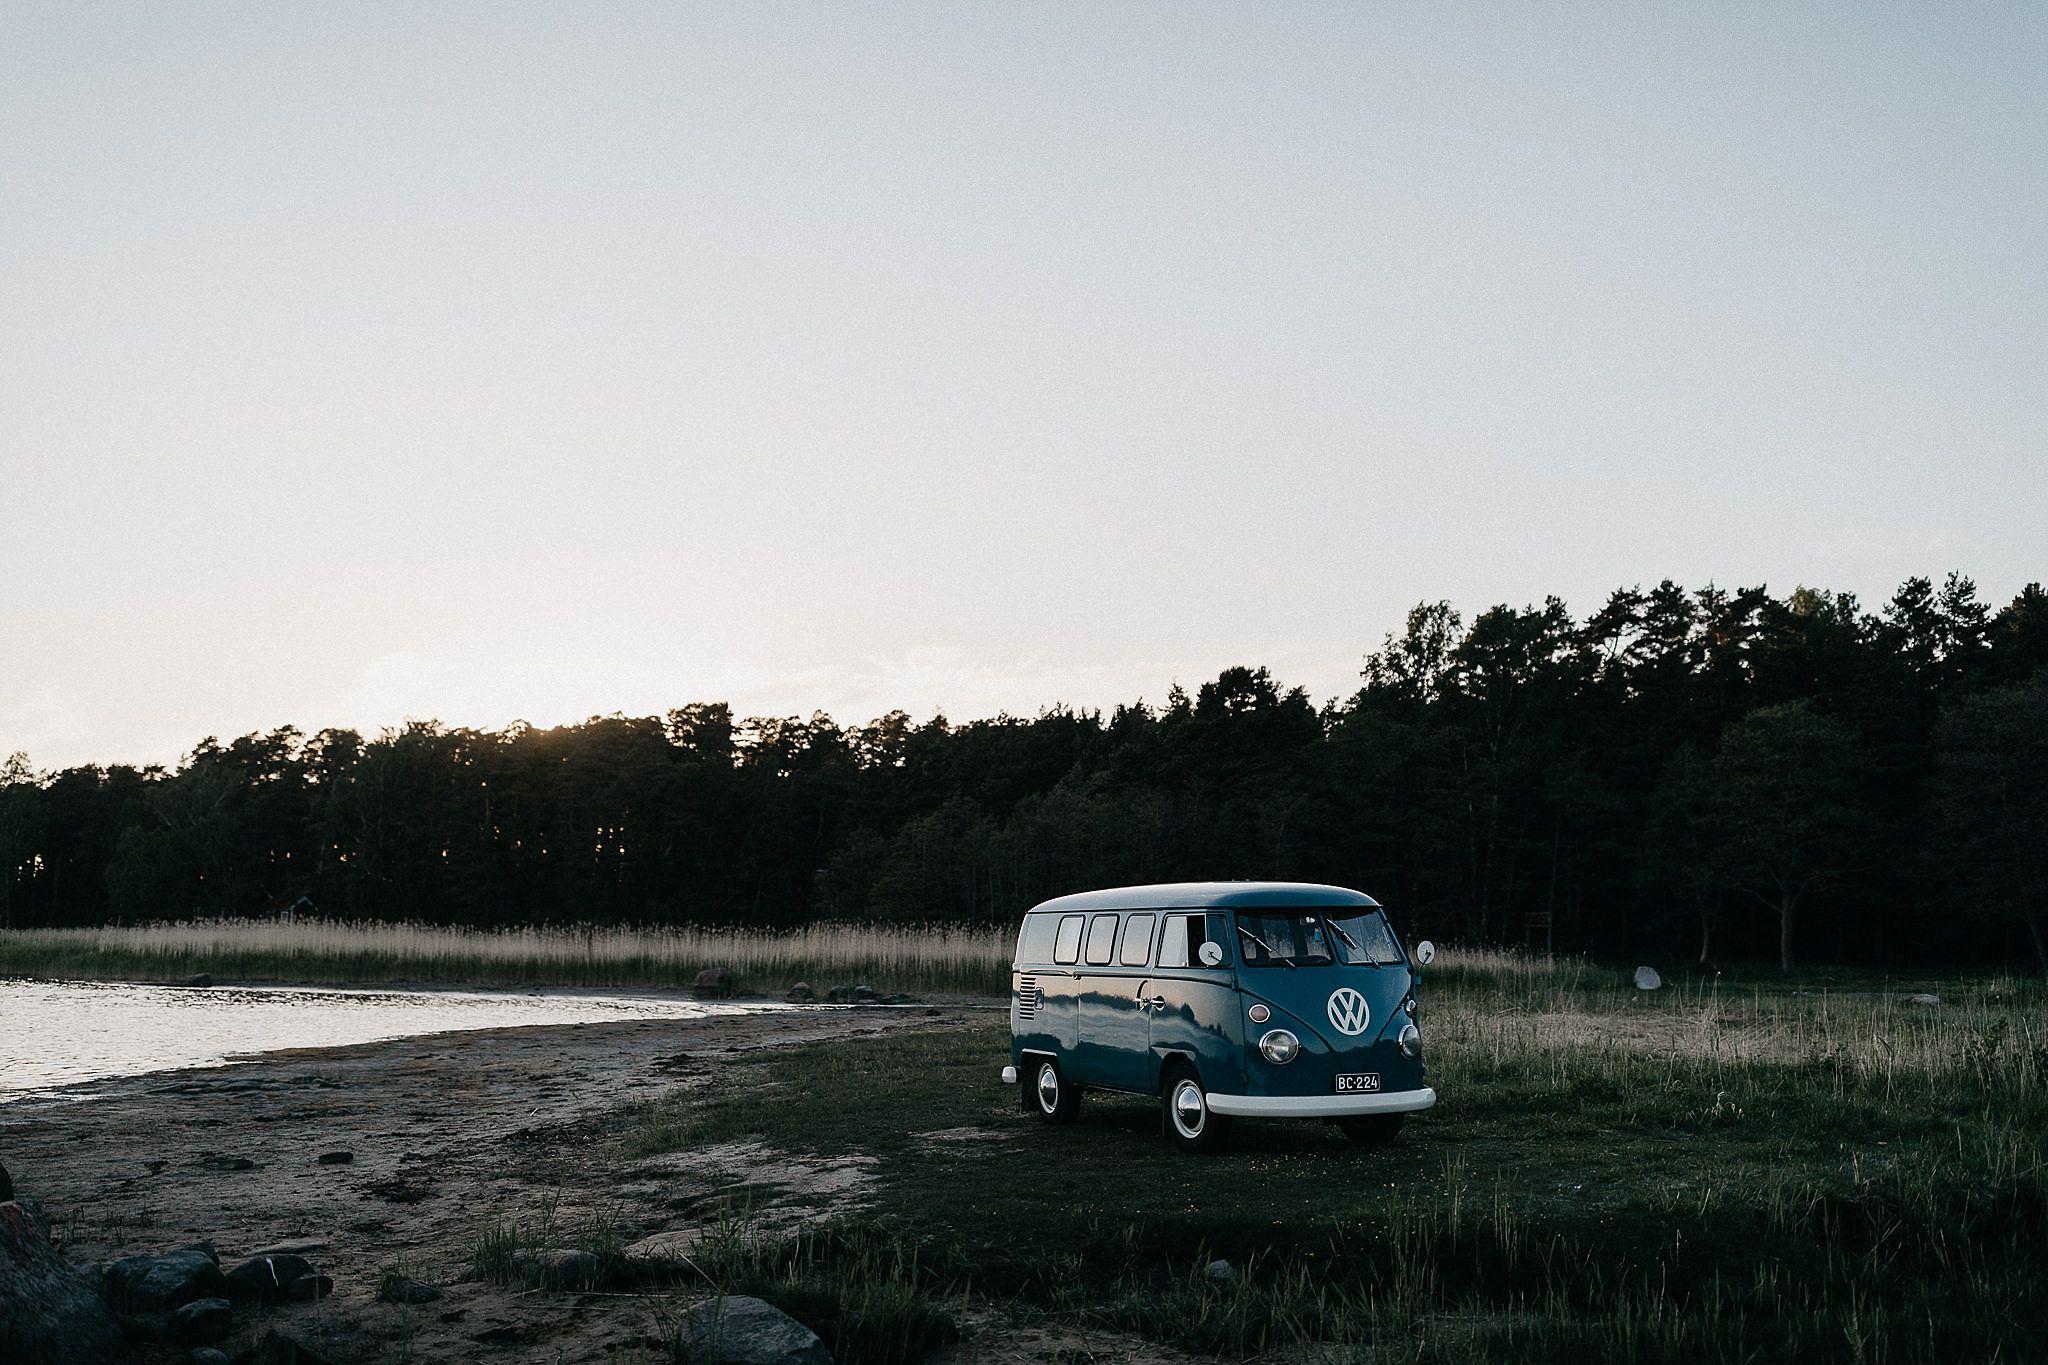 kihlakuvaus_meren rannalla_helsinki_volkswagen_type2_0031.jpg